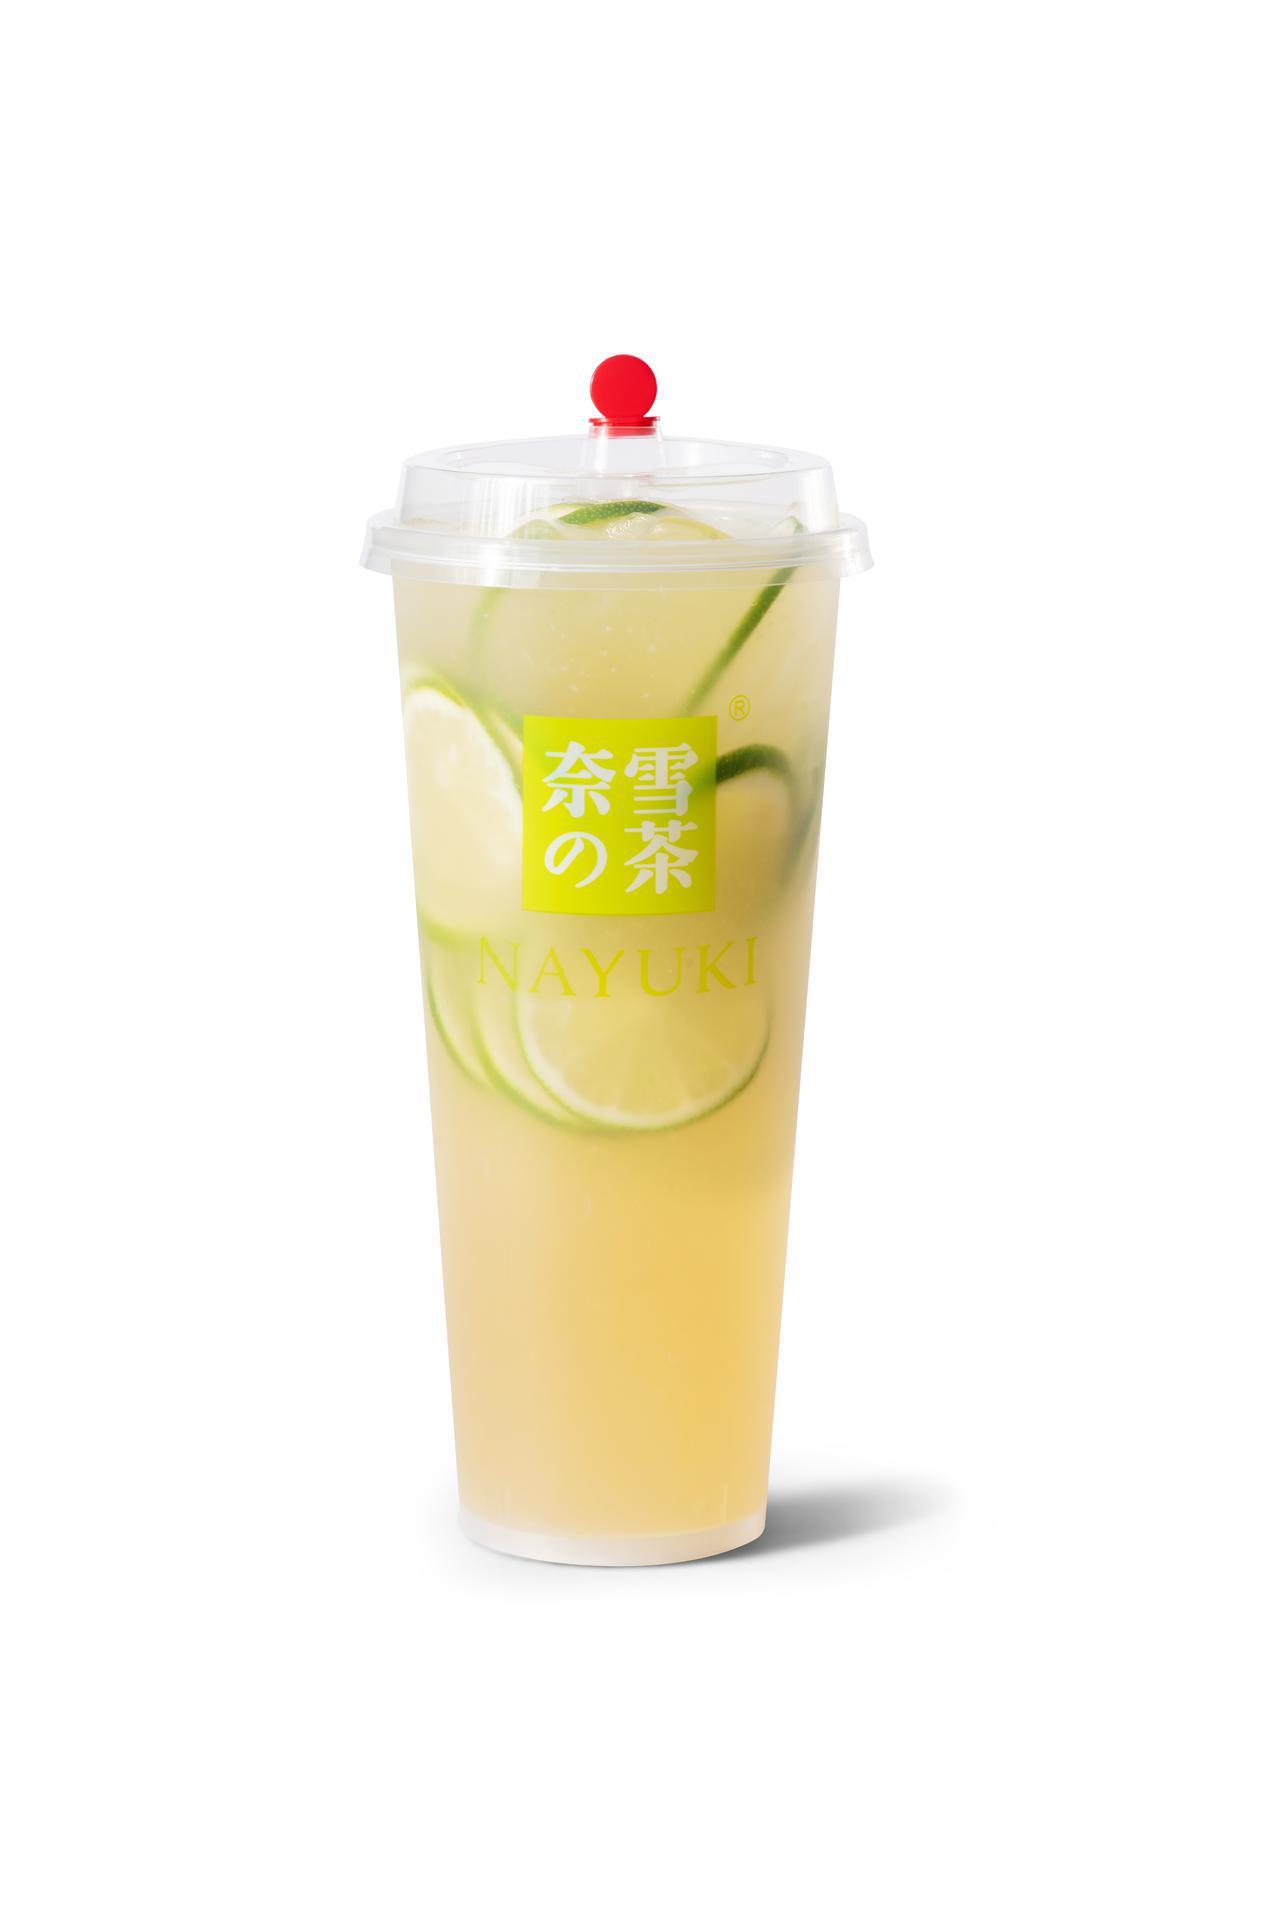 画像: 第 9 位「奈雪レモネードジャスミン」(M480 円 L580 円)